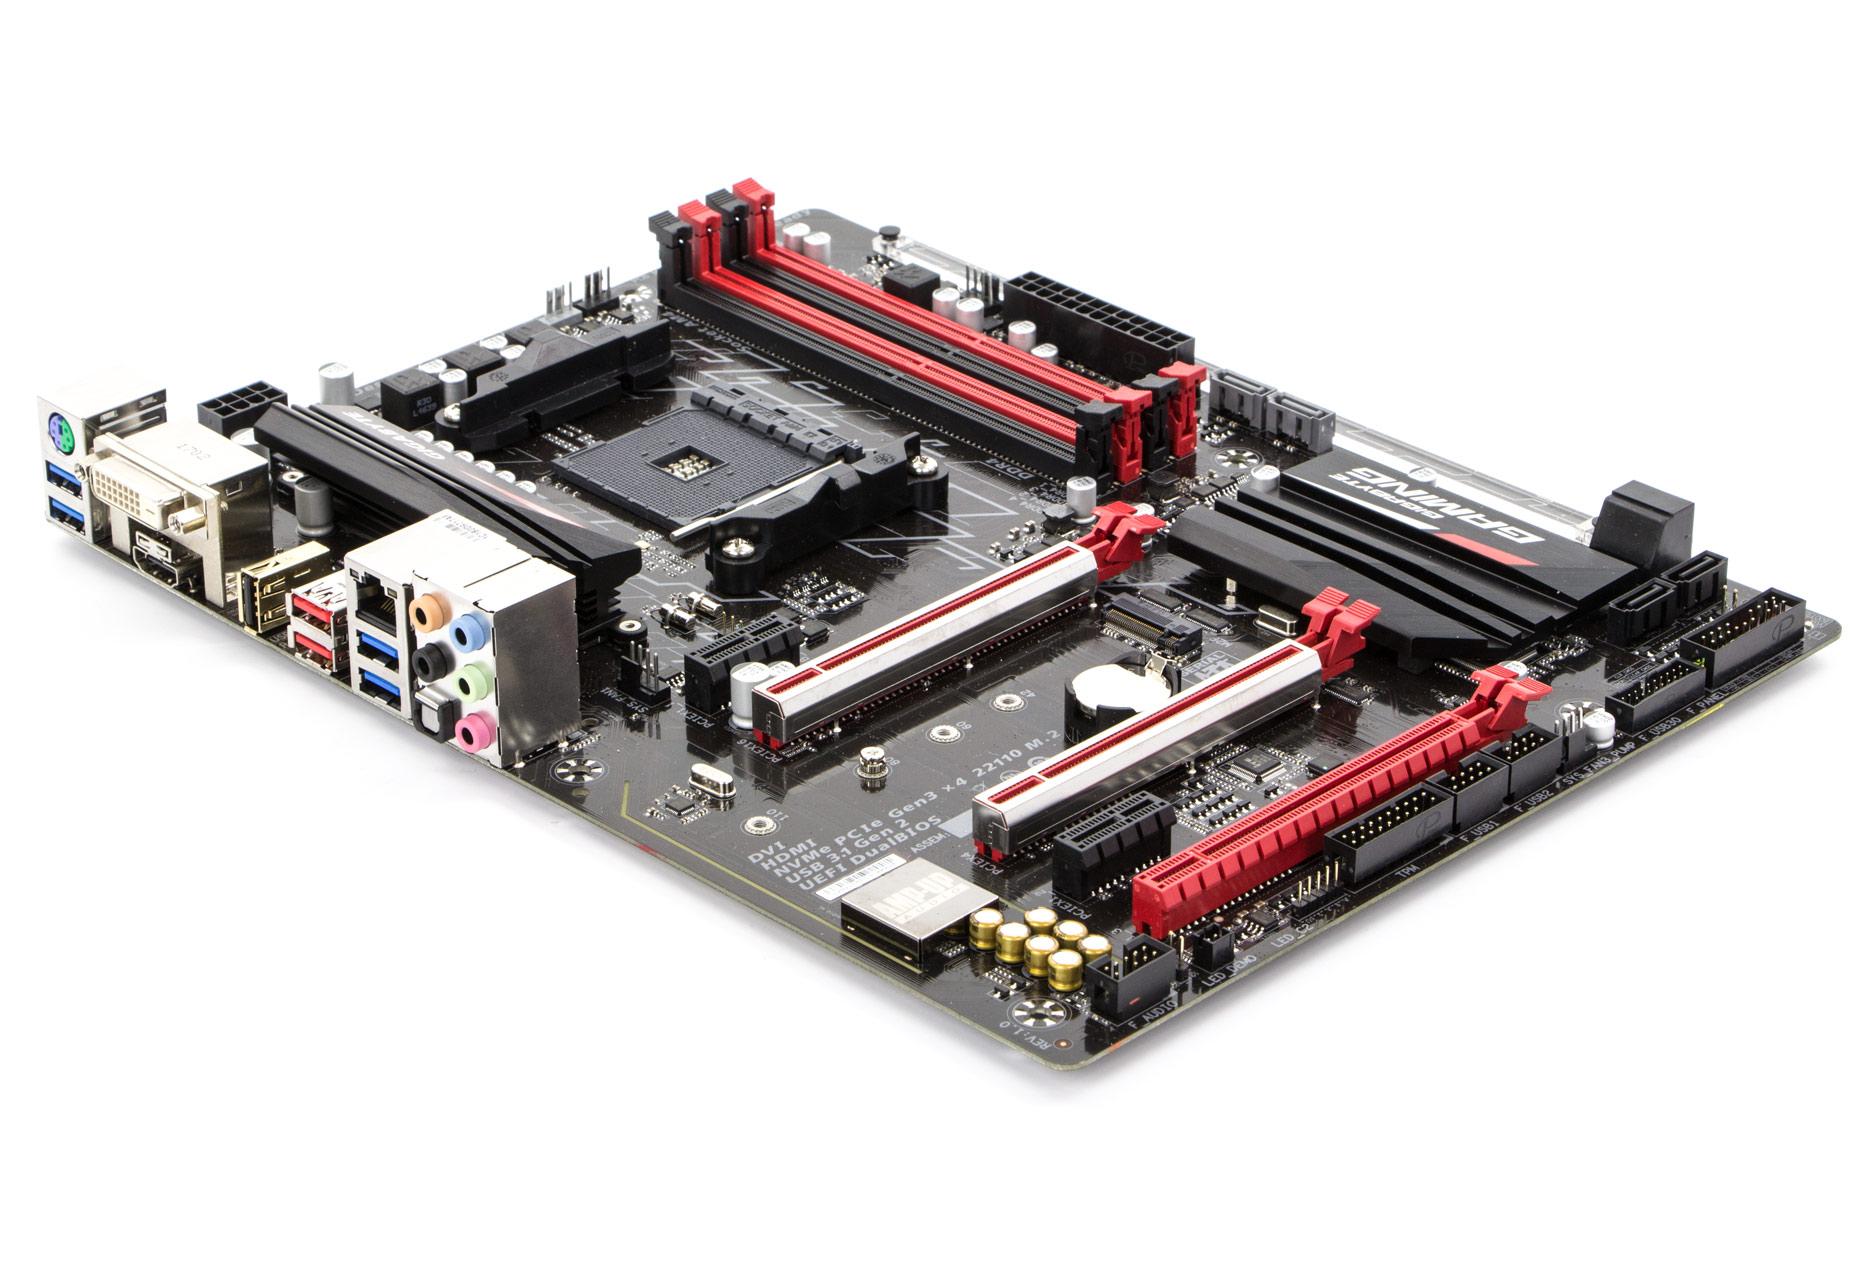 Jest gaming więc jest podświetlenie Jednych to ucieszy inni mogą to wyłączyć Poza tym płyta została wyposażona między innymi we wzmocnione sloty PCIe